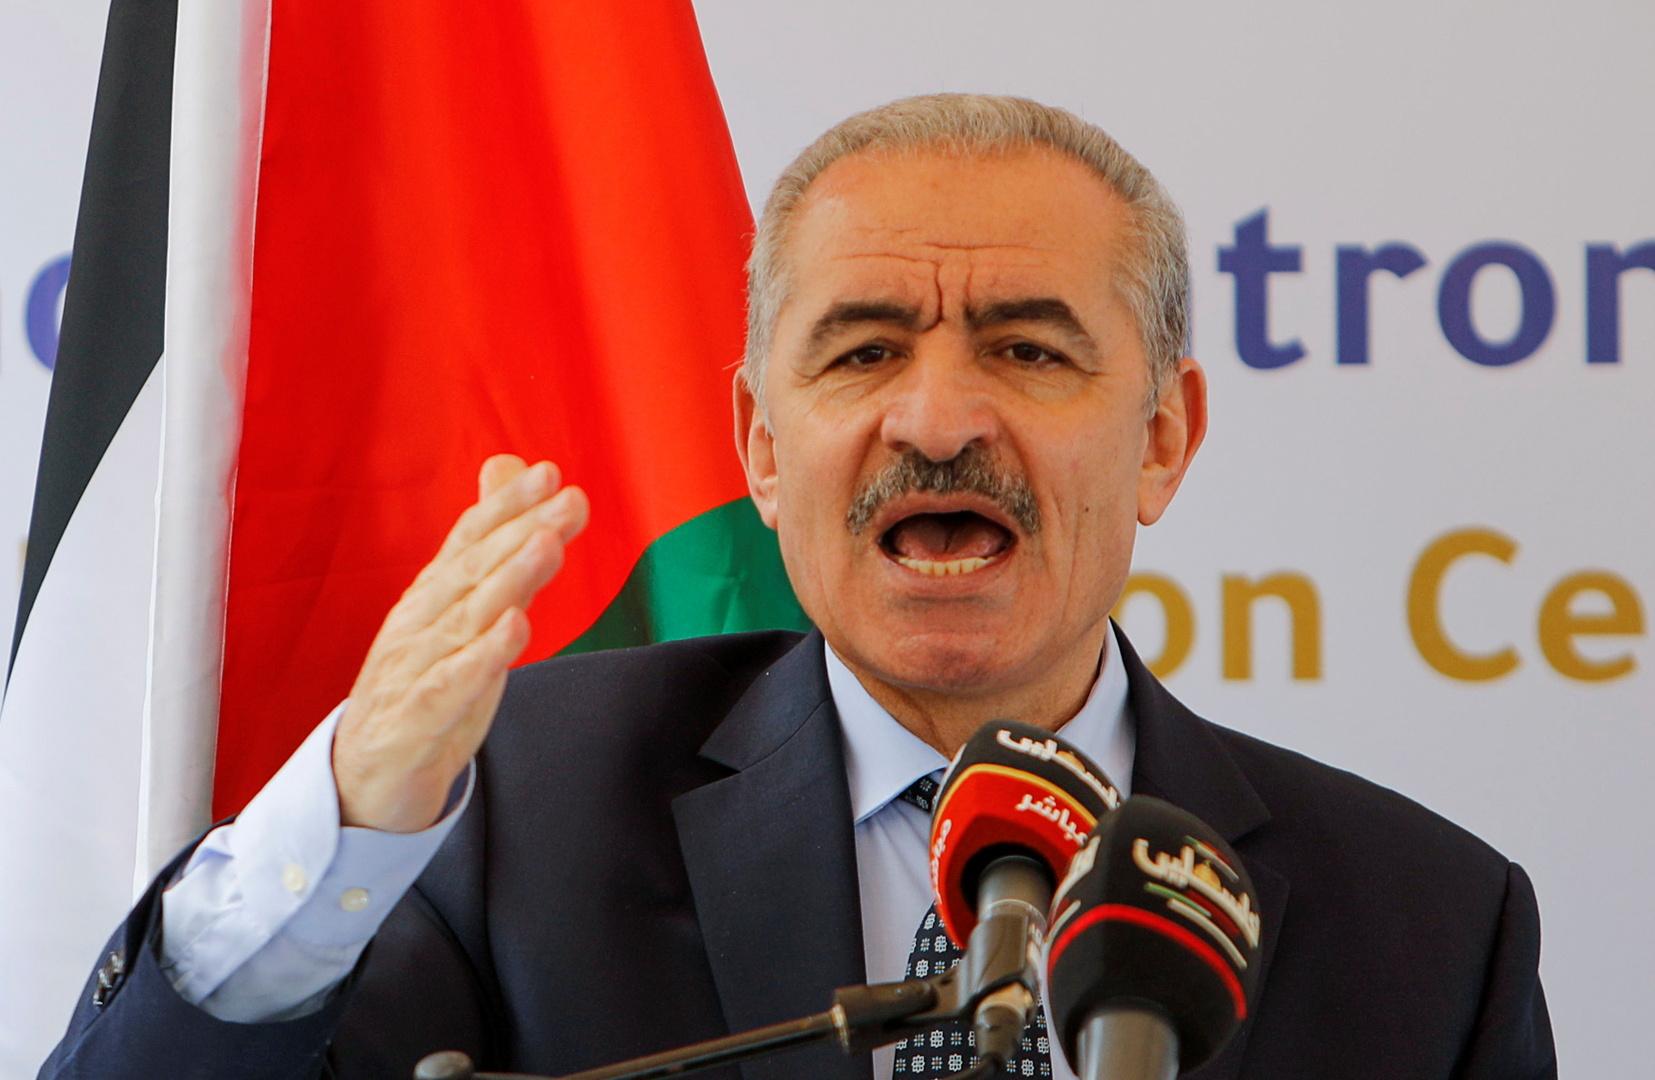 اشتية: سنتوجه للجمعية العمومية لإصدار قرار بإدانة الاعتداءات الإسرائيلية